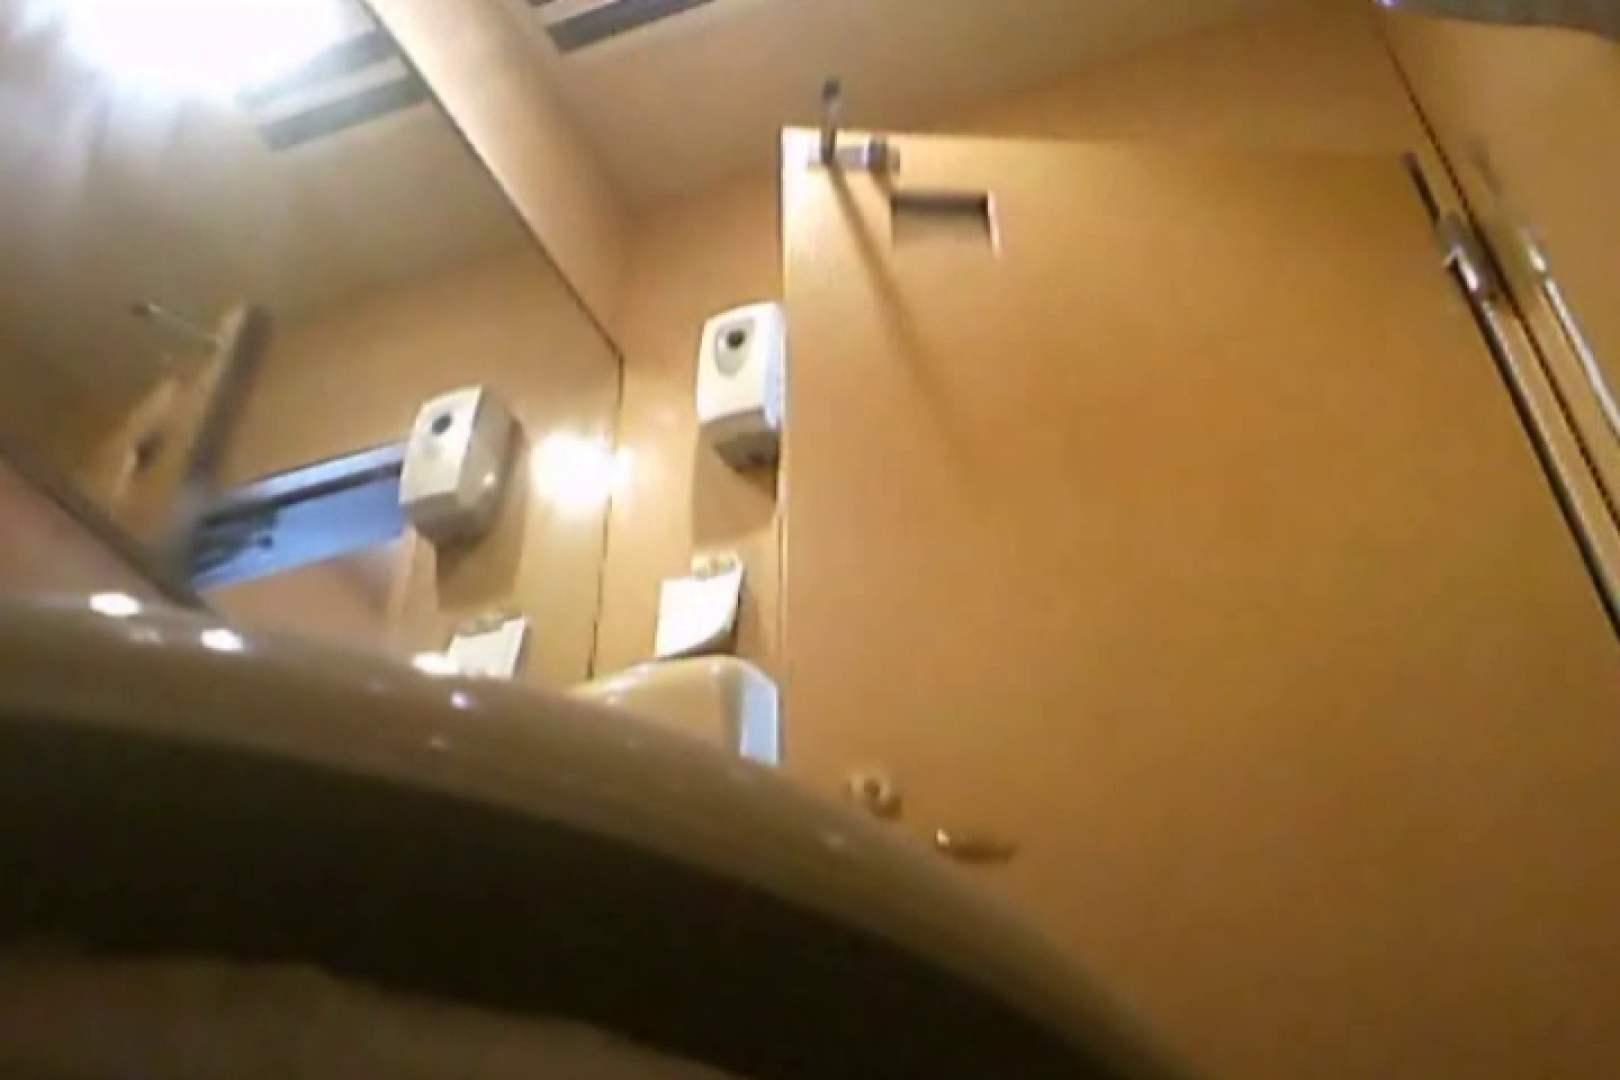 SEASON 3rd!掴み取りさんの洗面所覗き!in新幹線!VOL.12 のぞき | ボーイズ私服  86pic 38